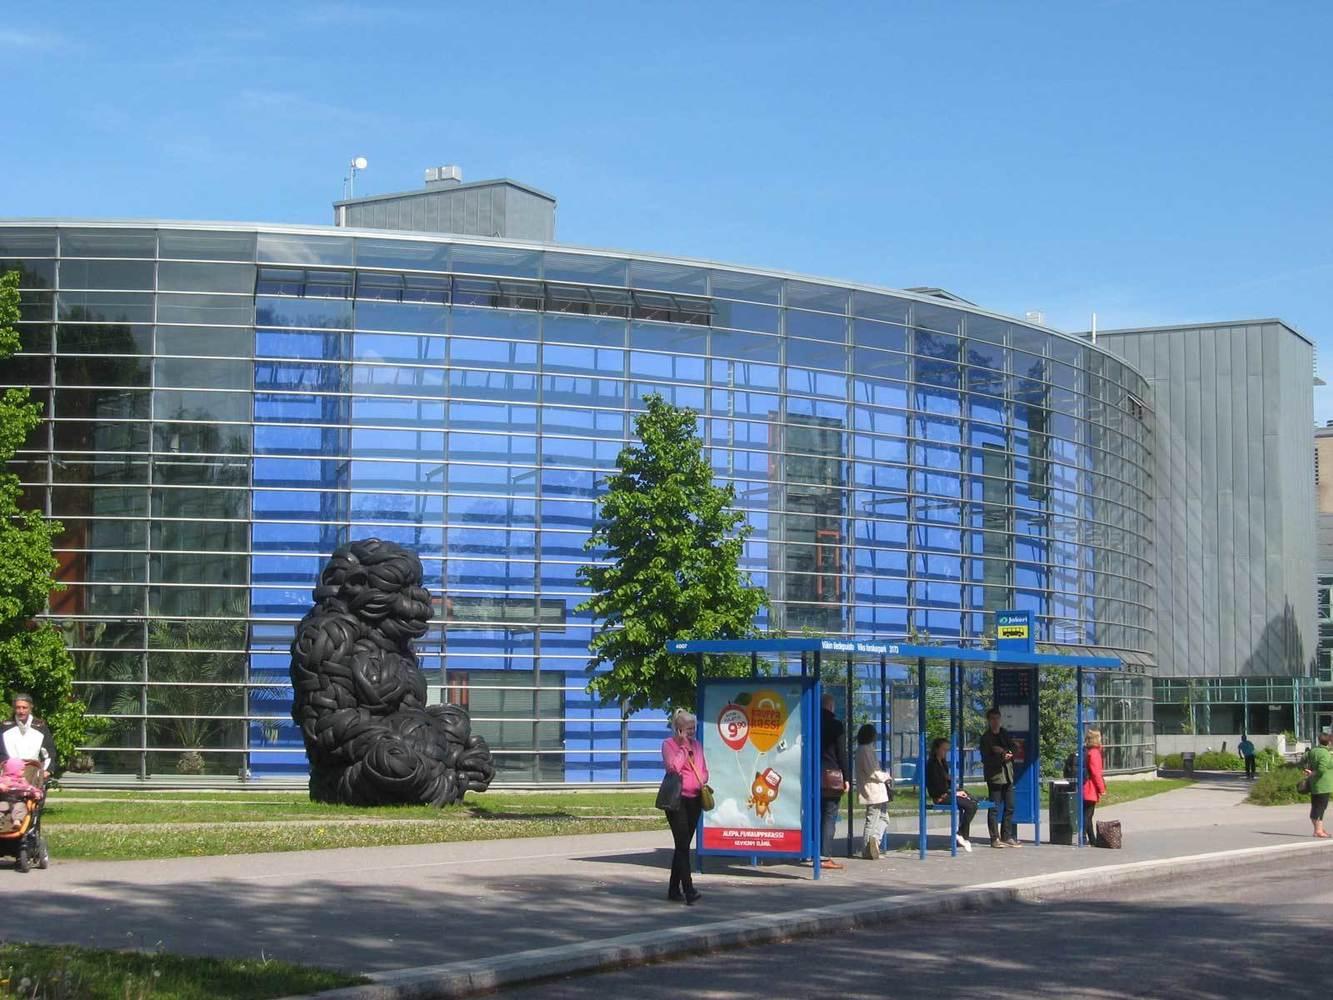 Viikin kirjasto sinisessä ympyrätalossa kesä 2012